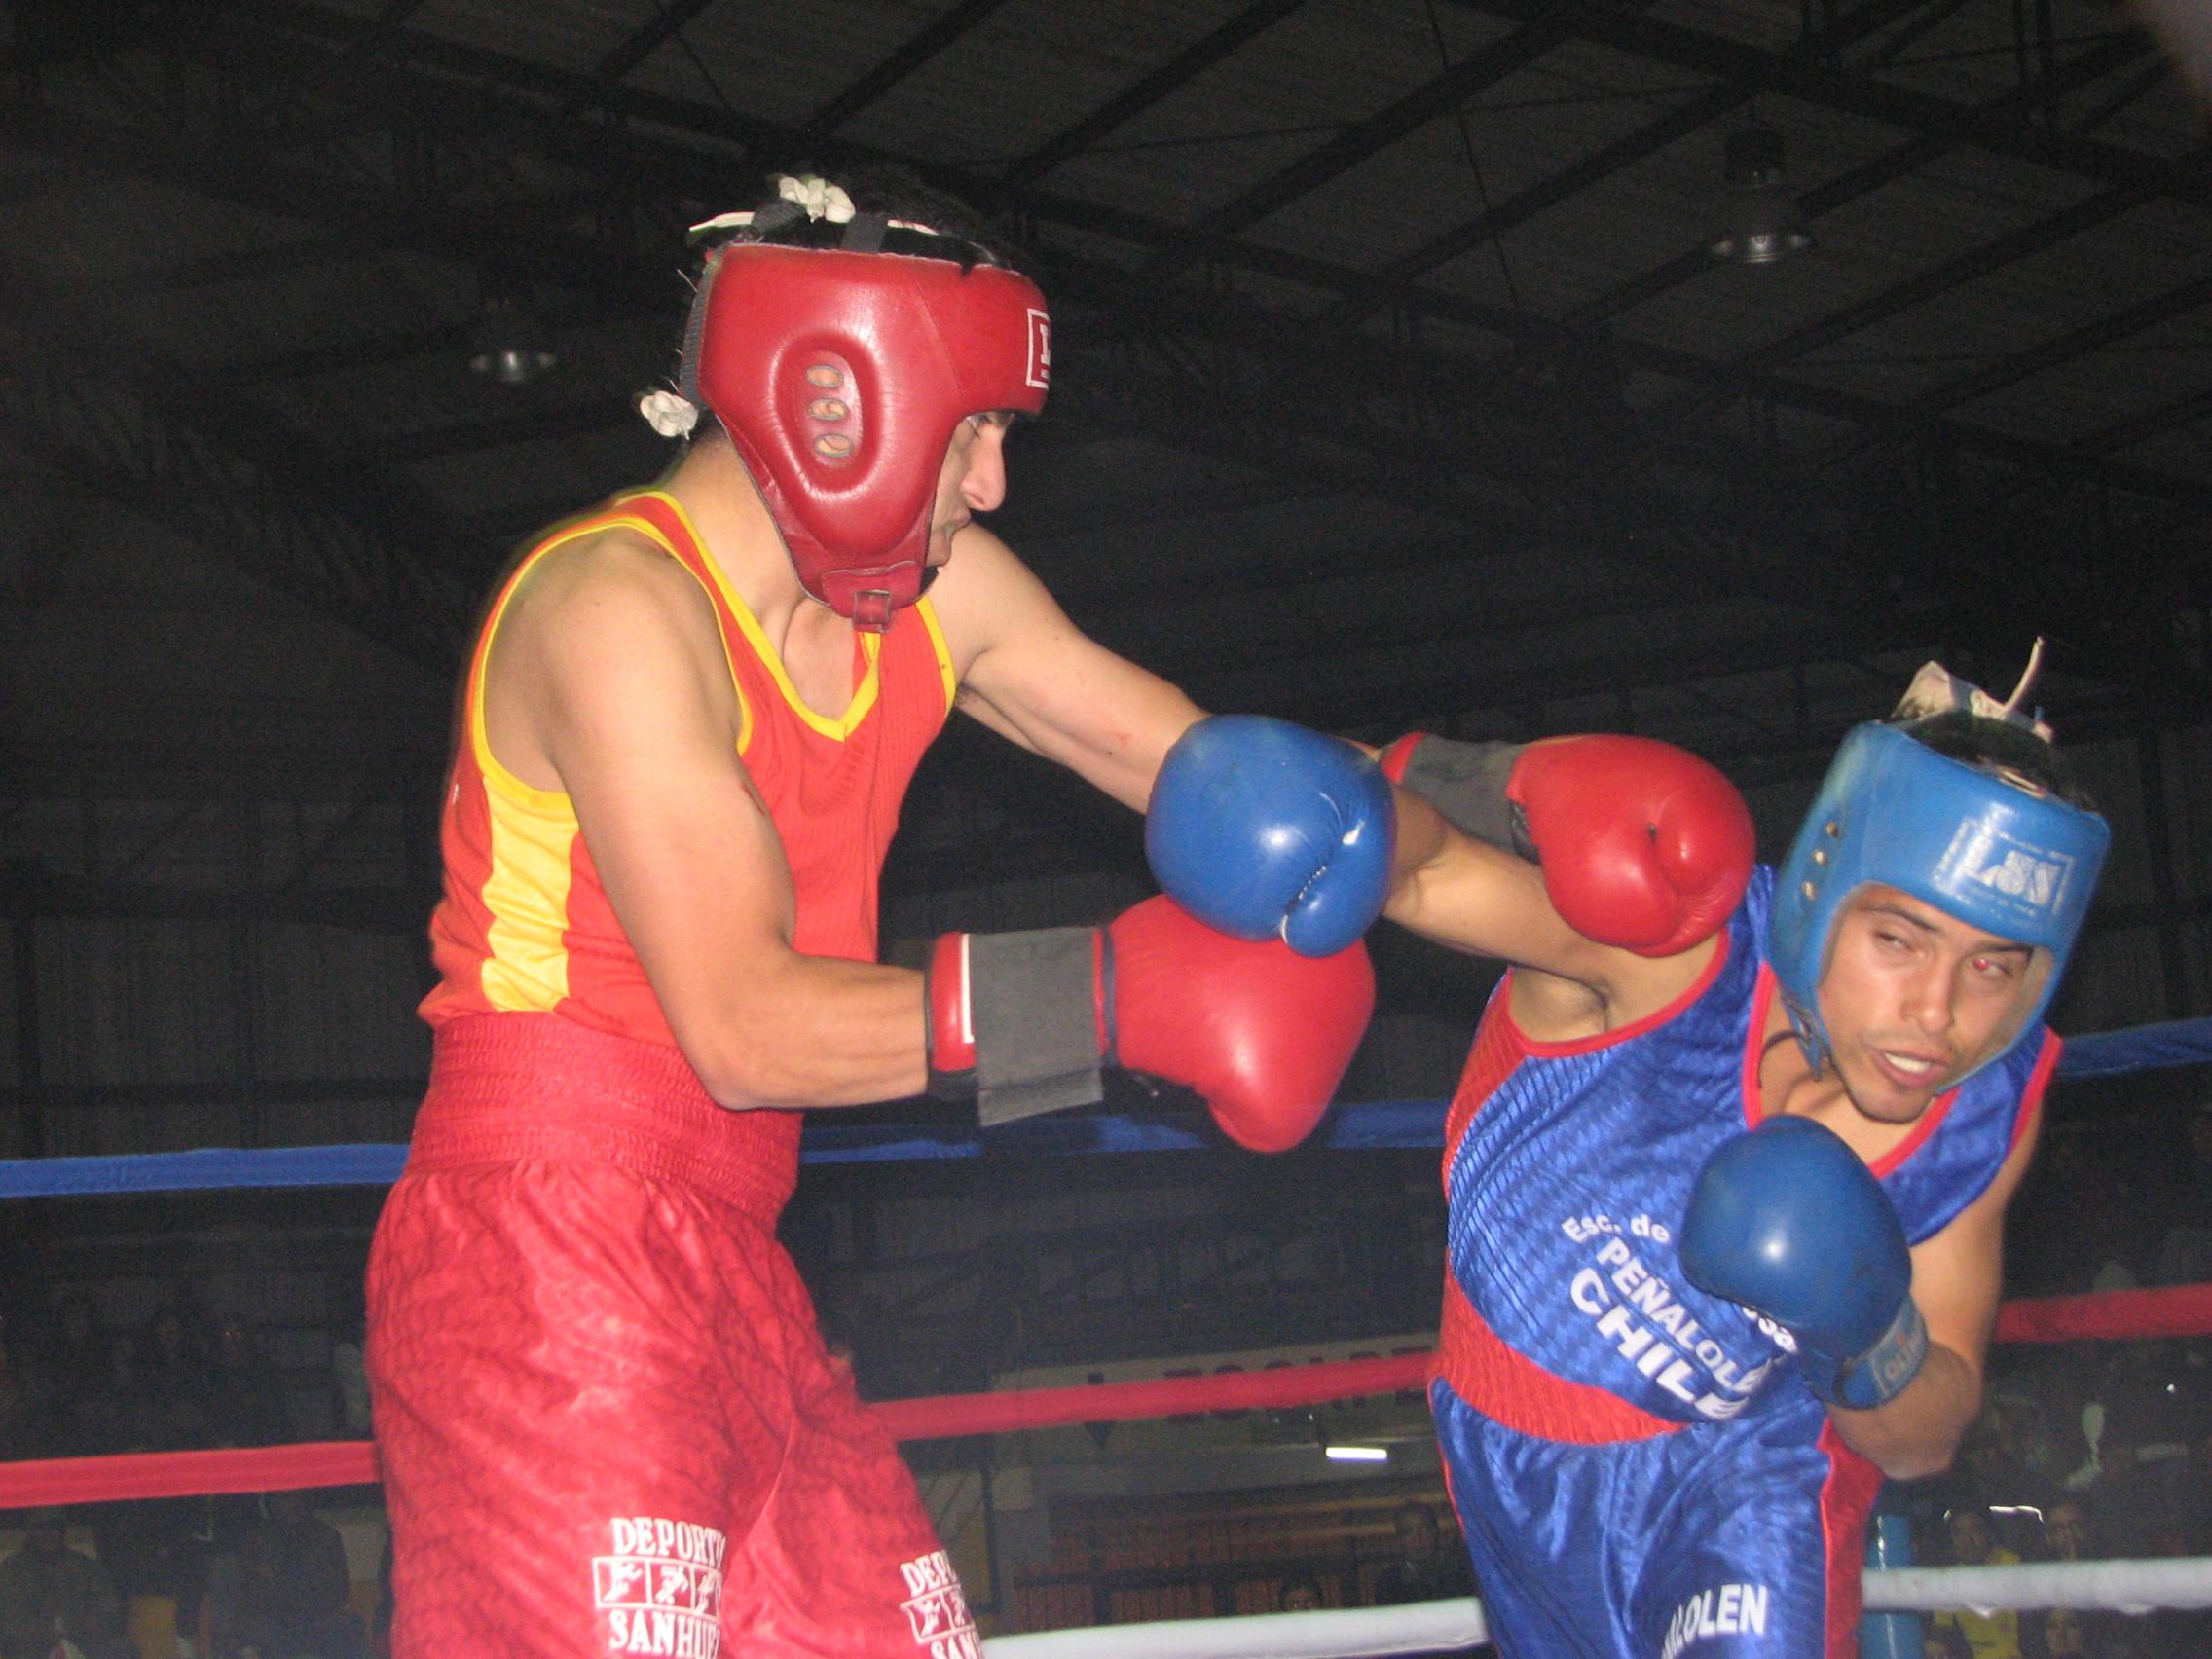 Este viernes se realizará Velada de Kickboxing en Vallenar